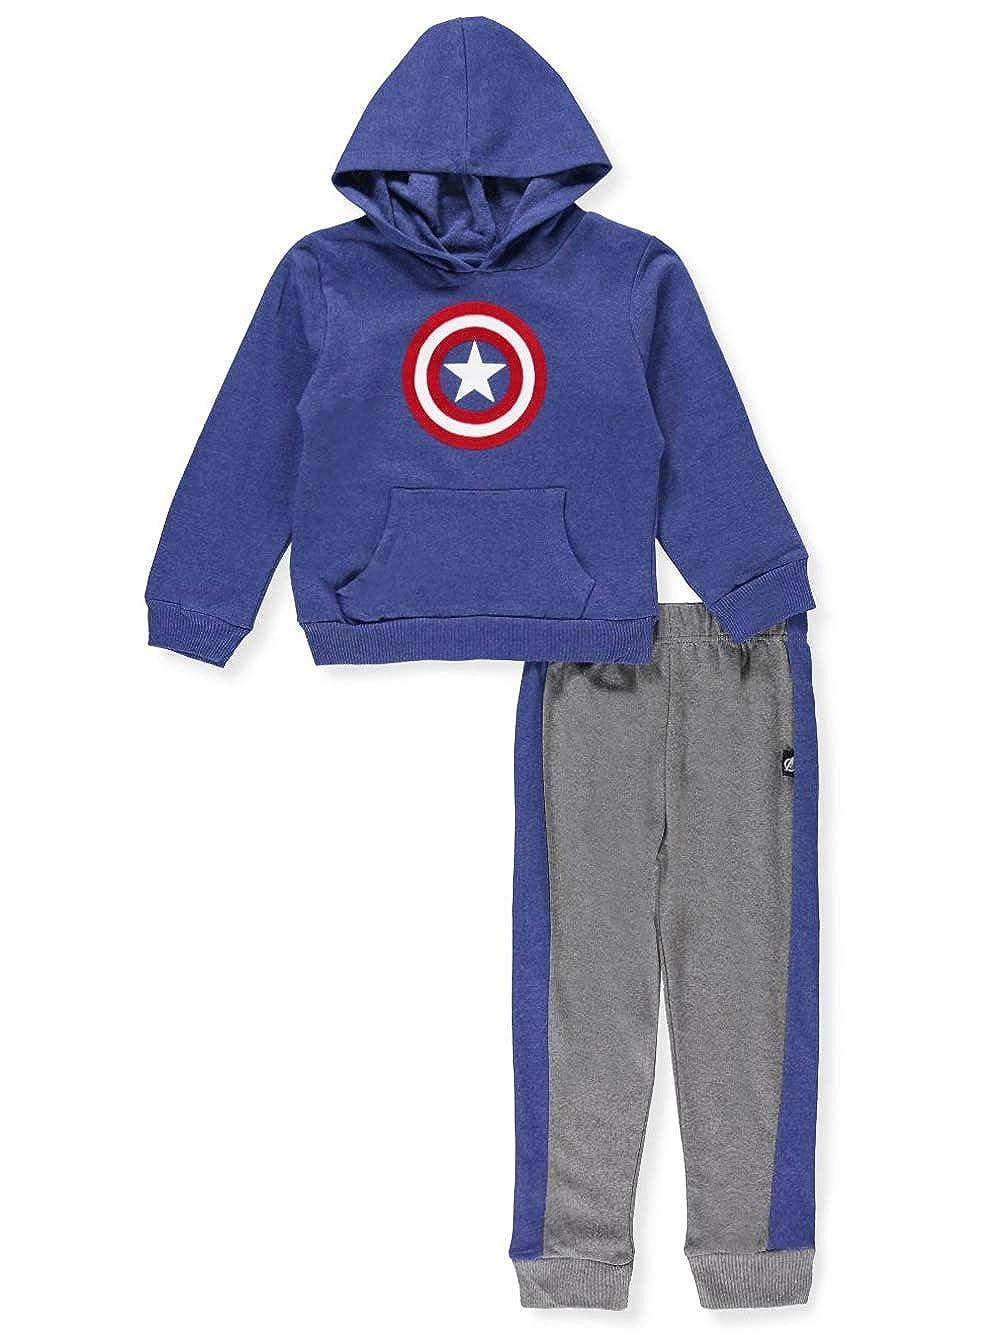 Captain America Boys' 2-Piece Pants Set Outfit